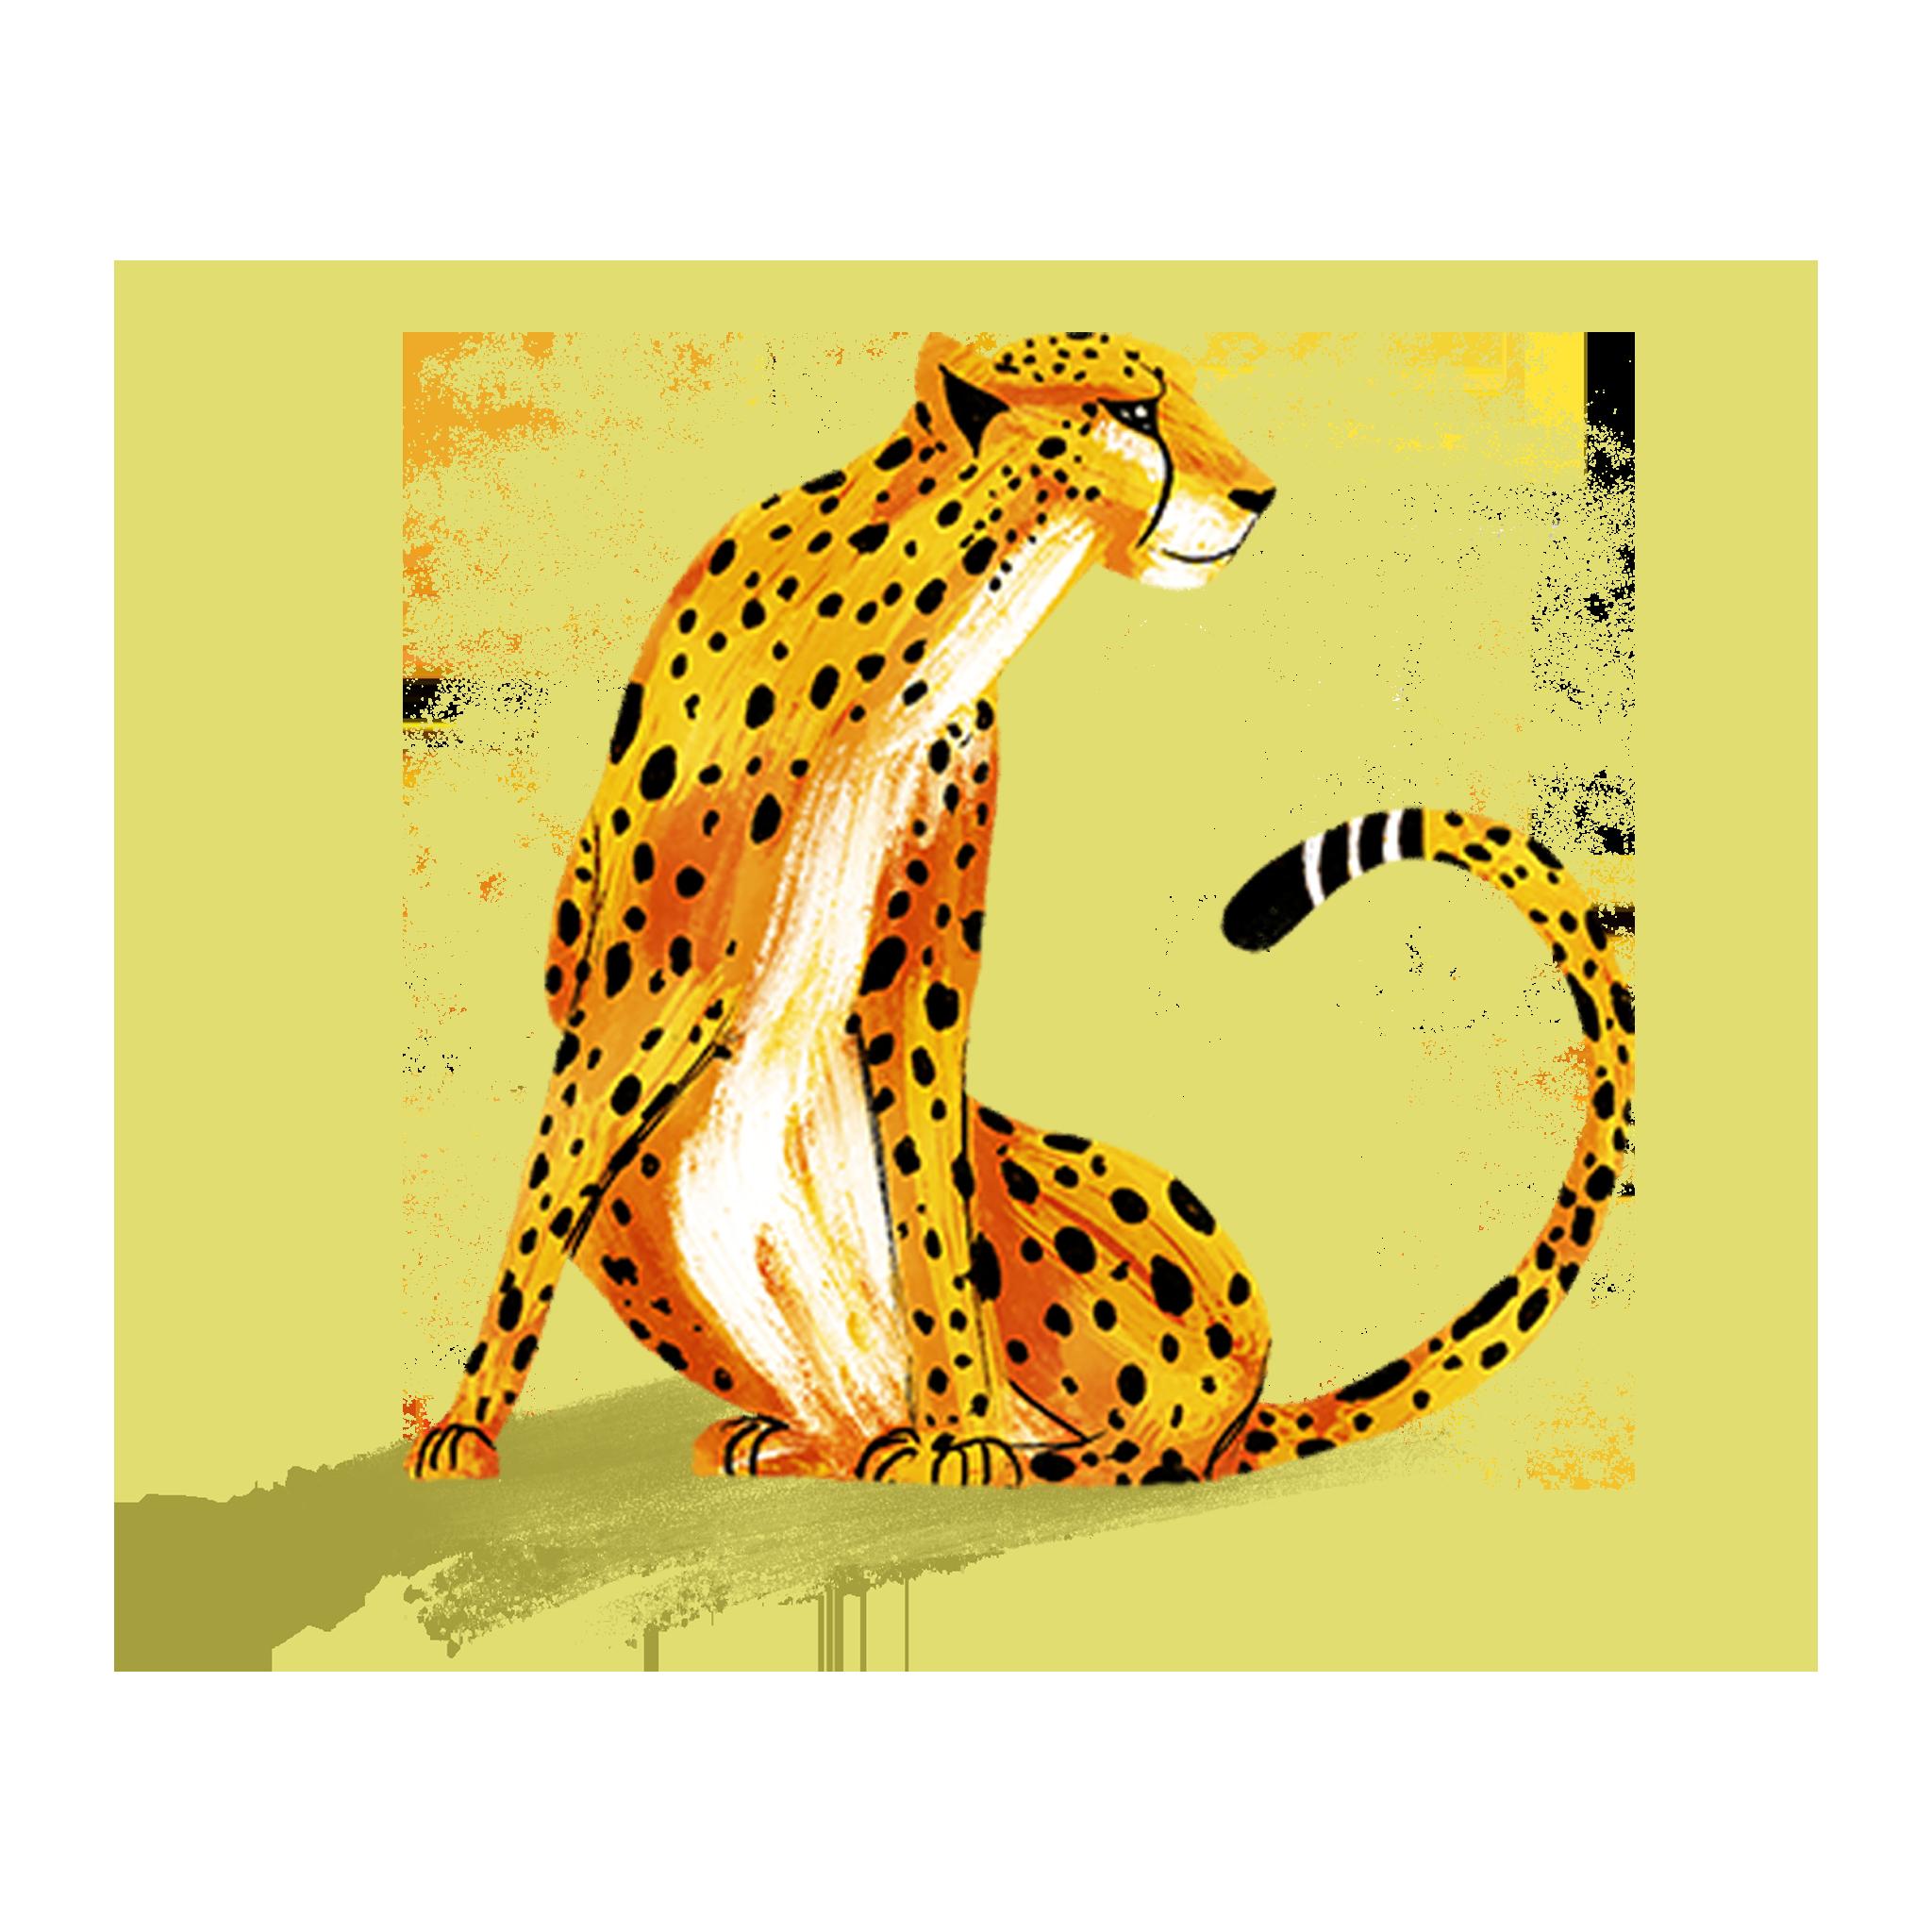 """ANIMAL ILLUSTRATION """"Un guépard"""" Peinture numérique  """"A cheetah"""" Digital painting"""